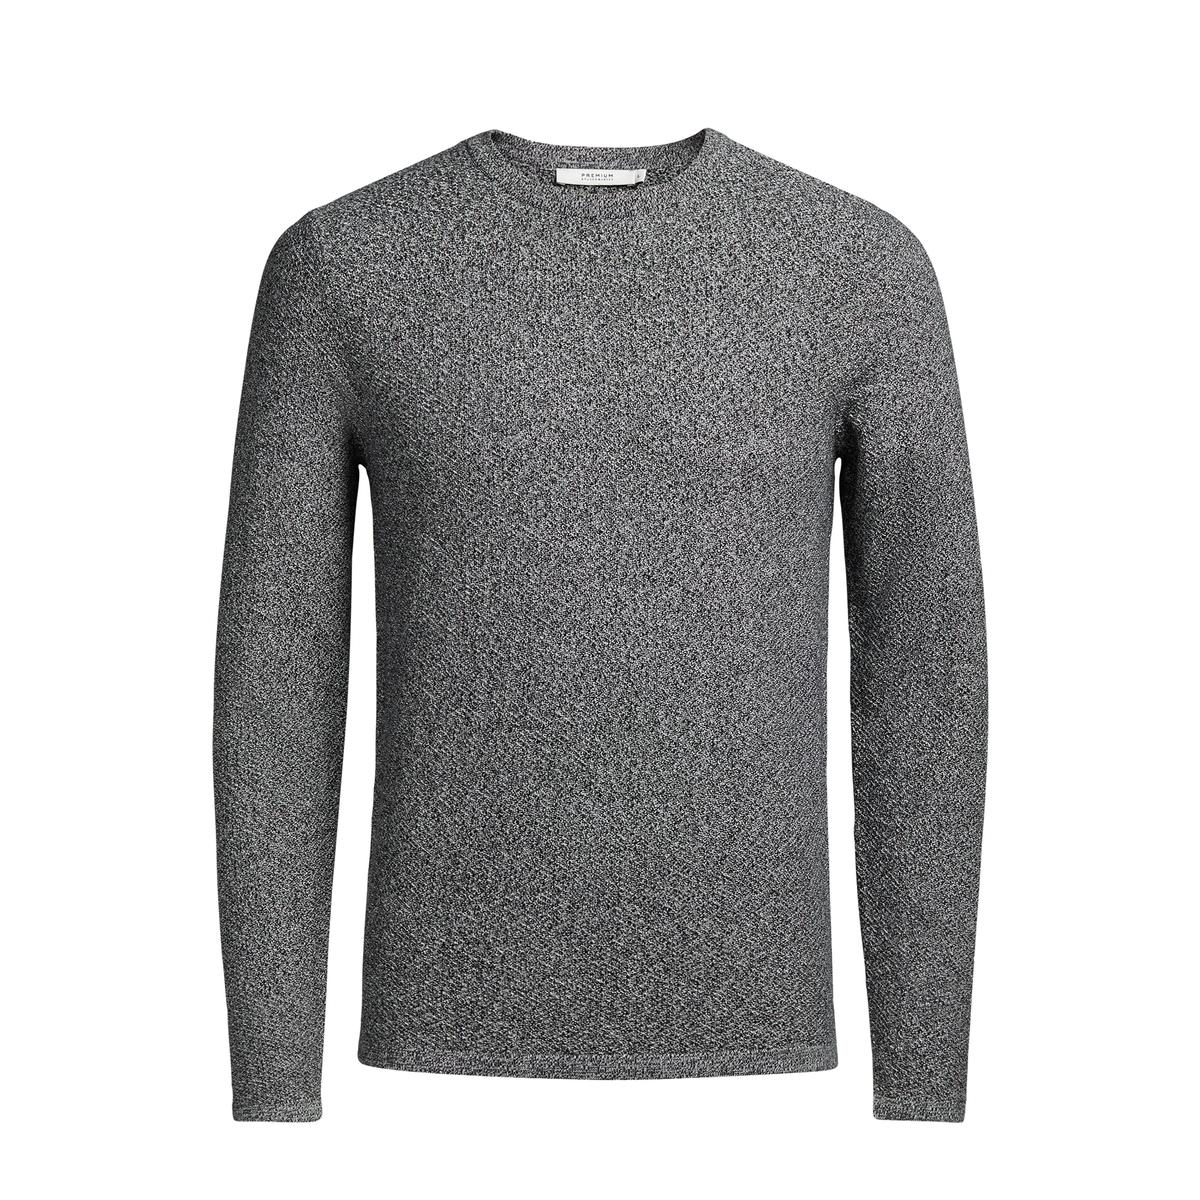 Пуловер с круглым вырезом из текстурного трикотажа 100% хлопок